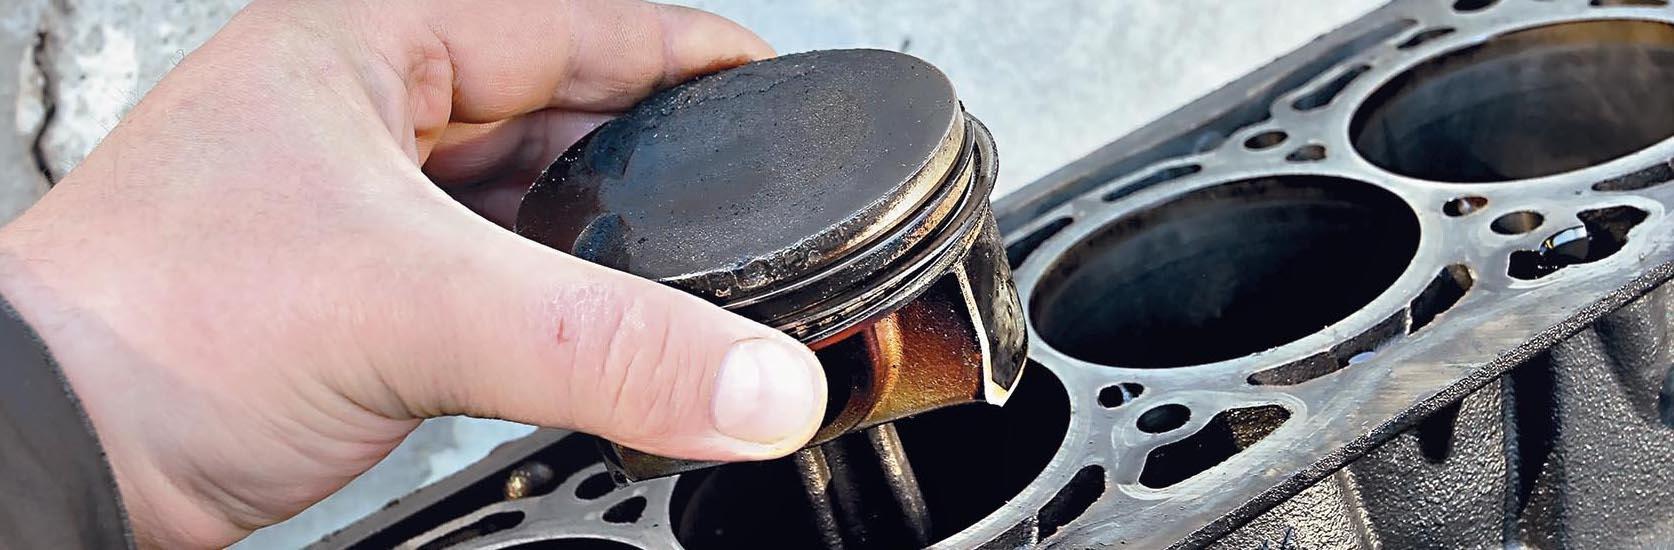 Pierścienie tłokowe VW 1.8 TSI